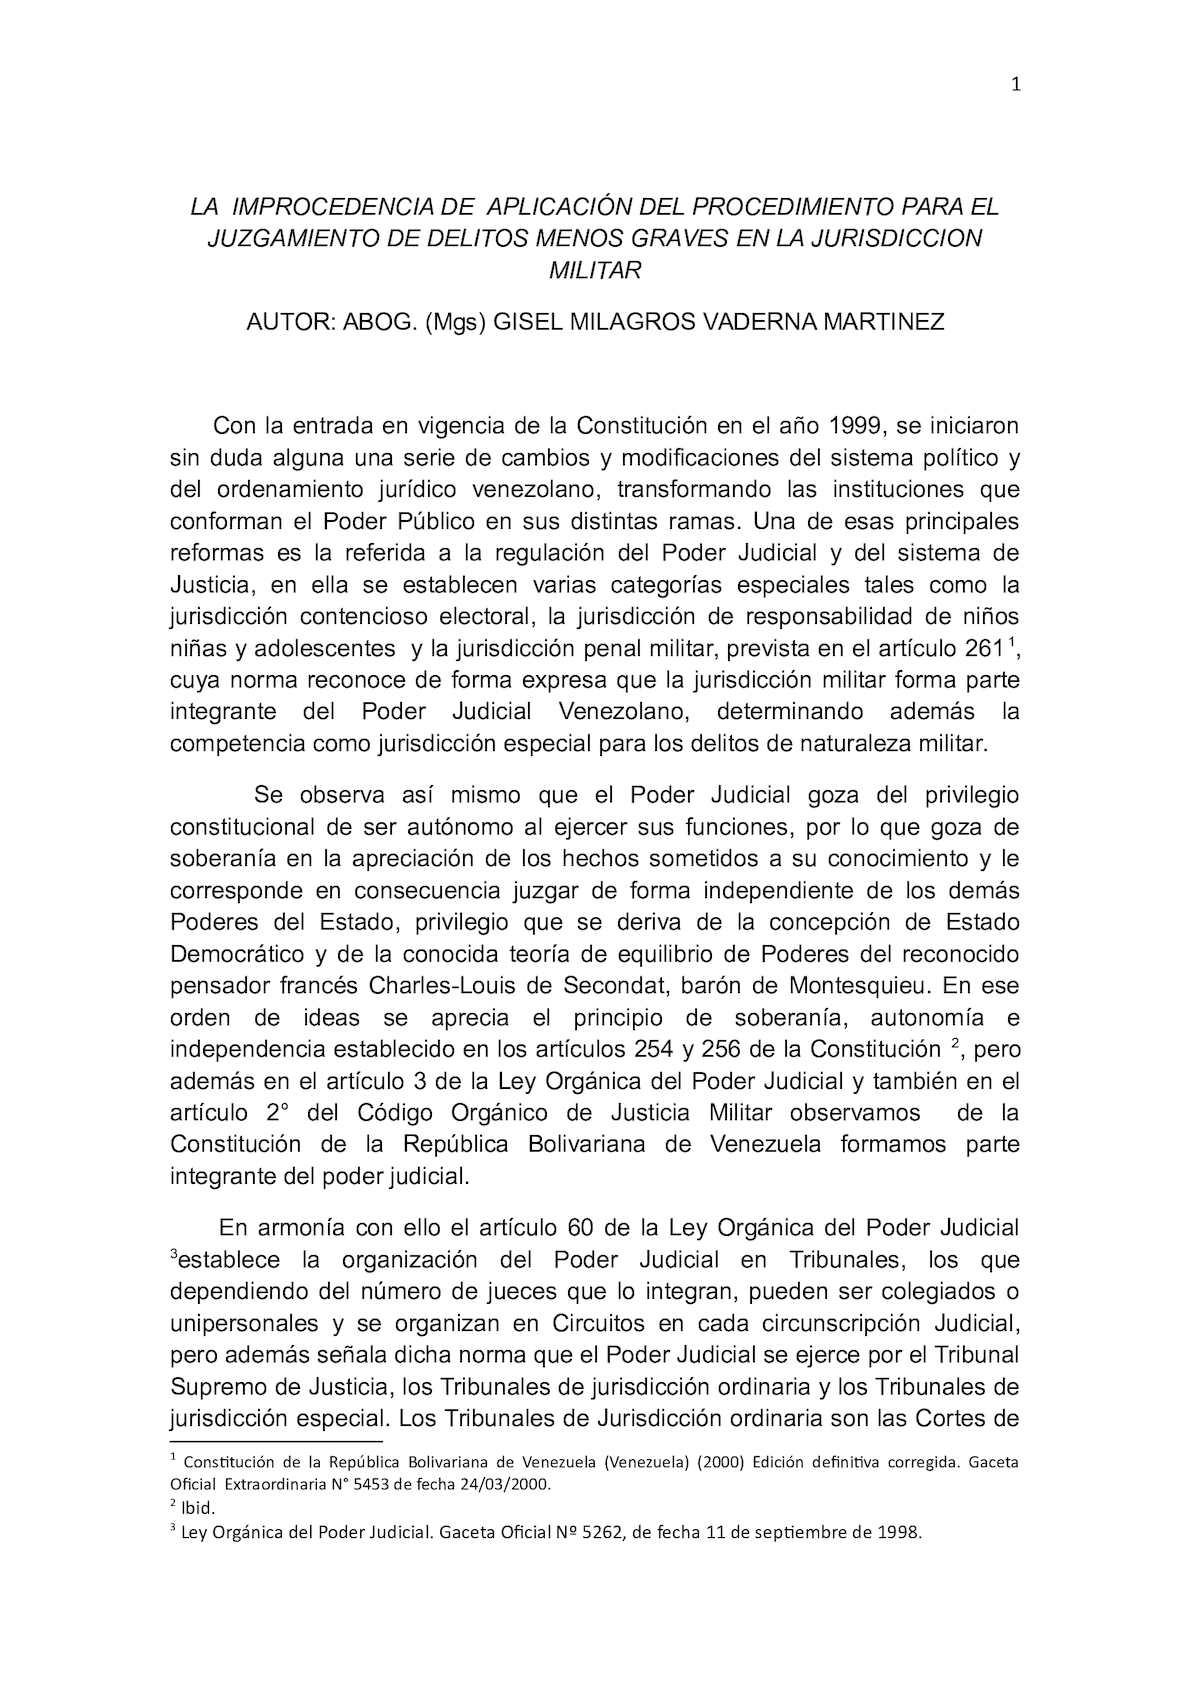 LA IMPROCEDENCIA DE  APLICACION DEL PROCEDIMIENTO DE JUZGAMIENTO DE LOS DELITOS MENOS GRAVES EN JURISDICCION MILITAR